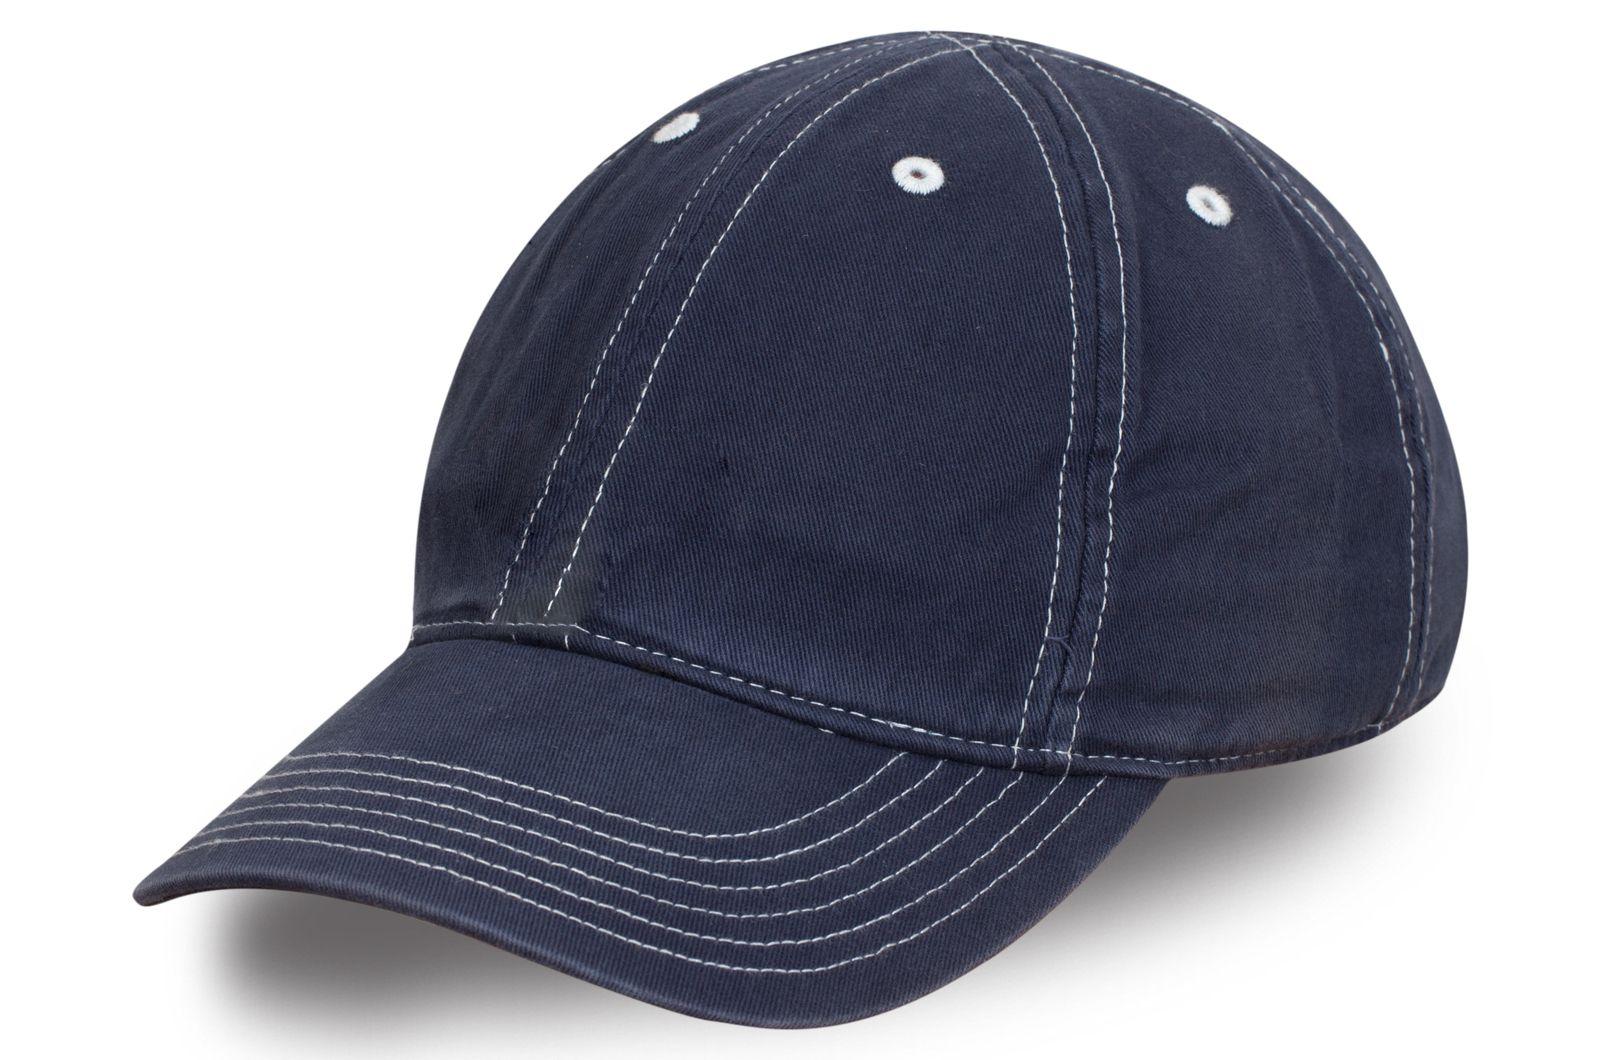 Брендовая бейсболка цвета синий джинс